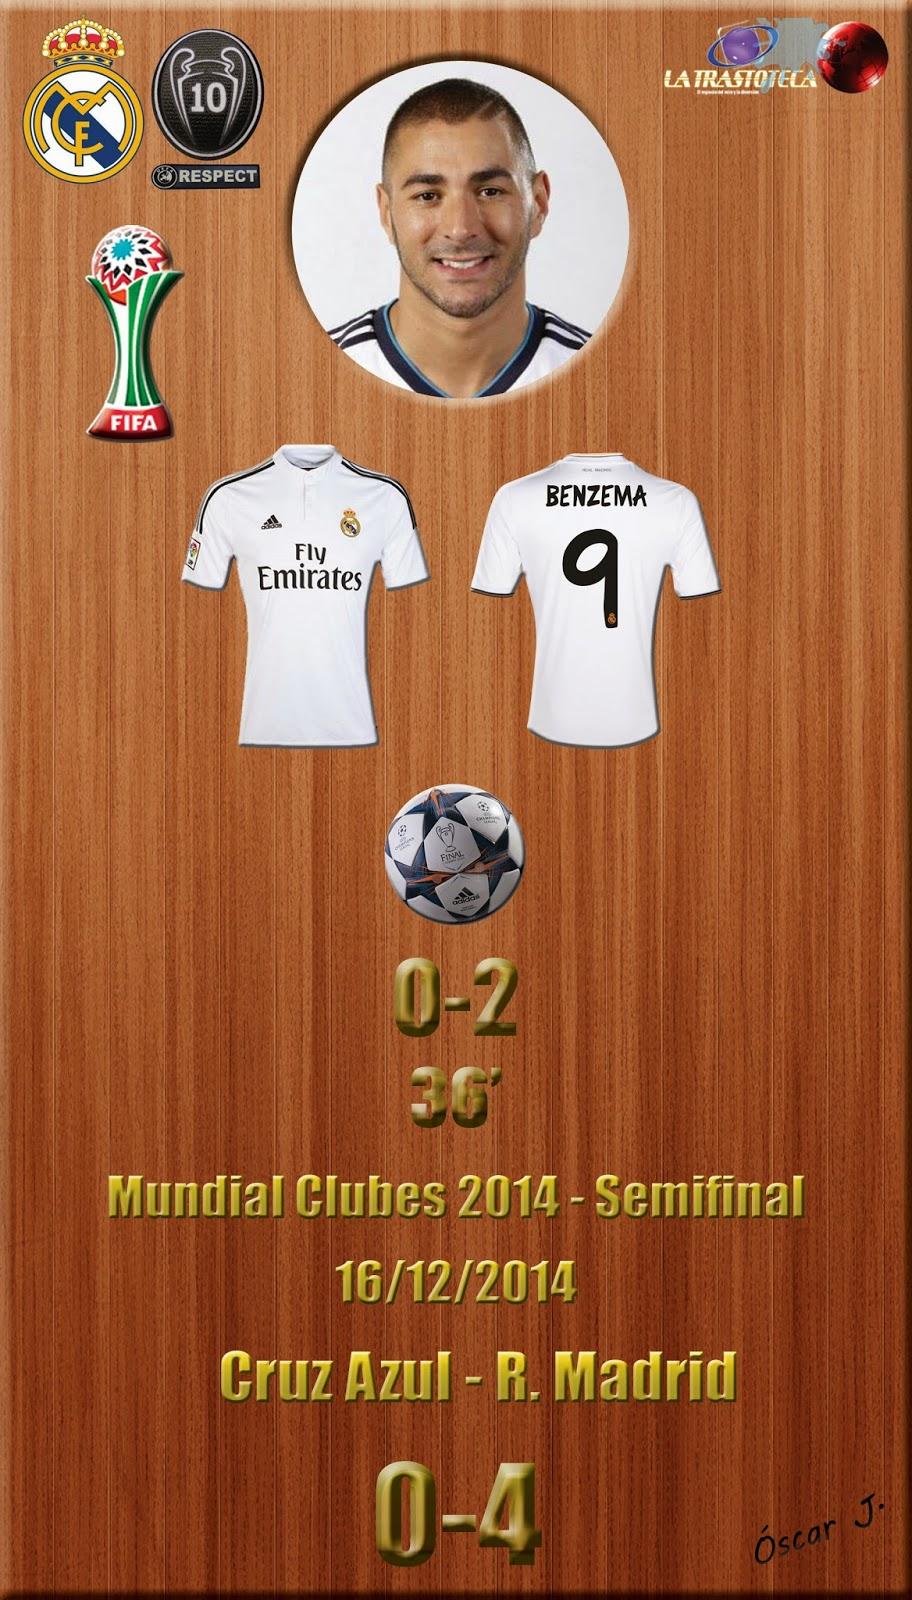 Cruz Azul 0-4 Real Madrid - Mundial de Clubes de la FIFA MARRUECOS 2014 - Semifinales (16/12/2014)